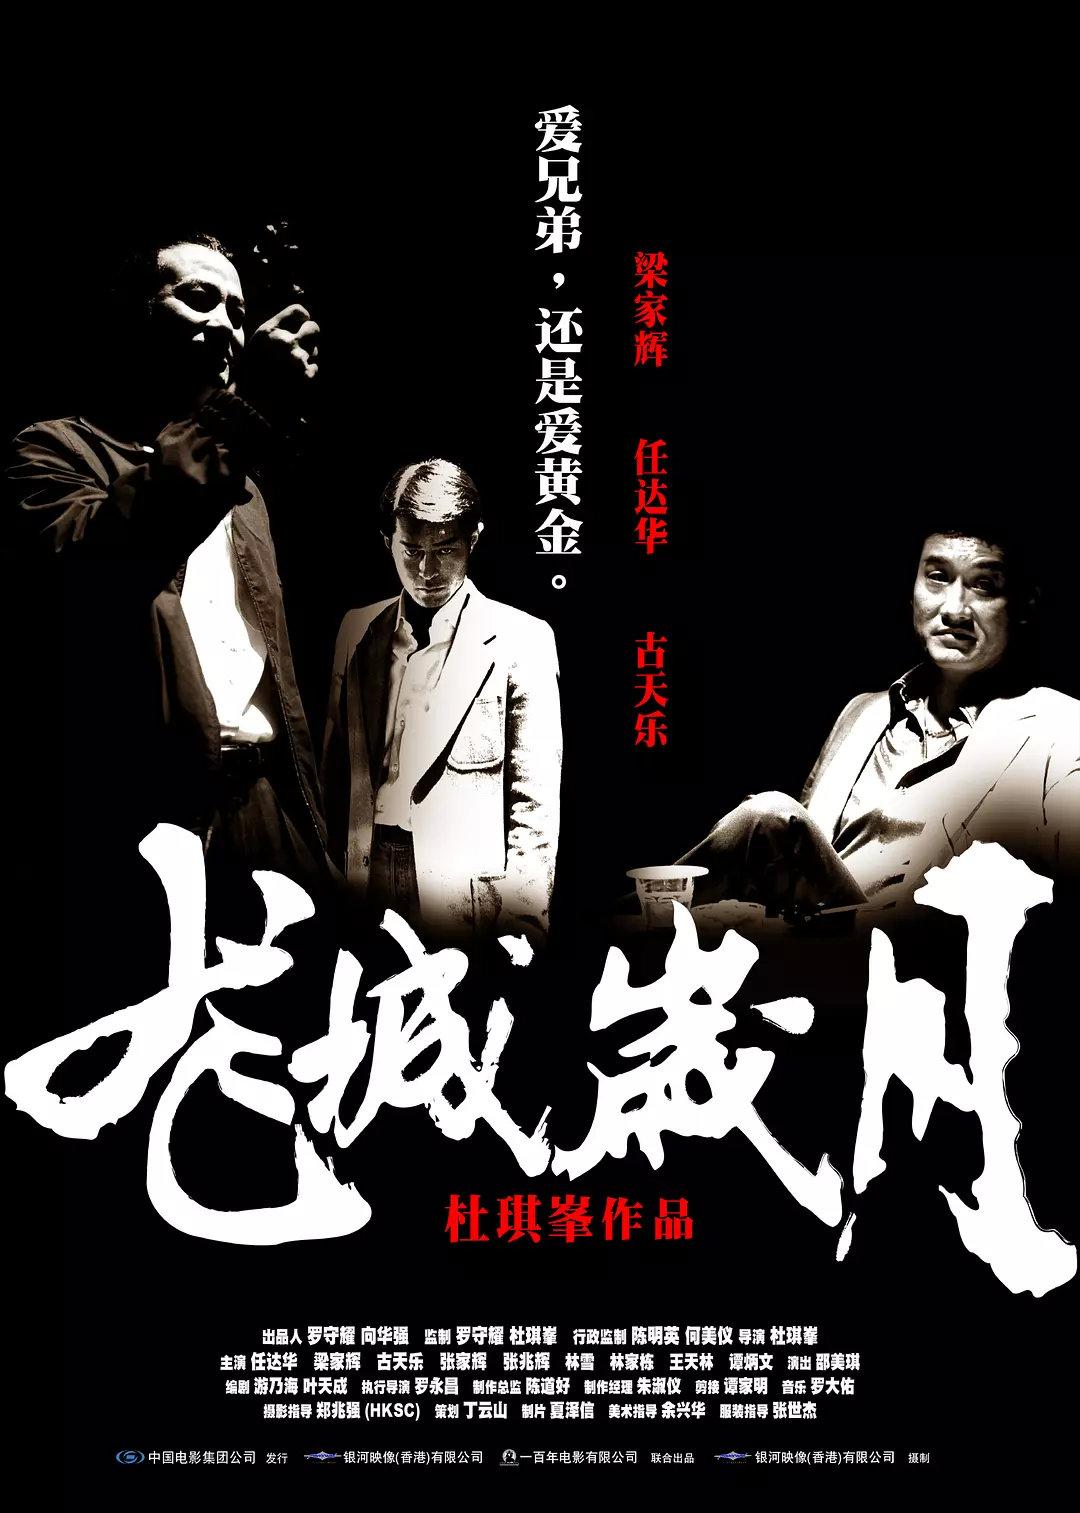 黑社会2005